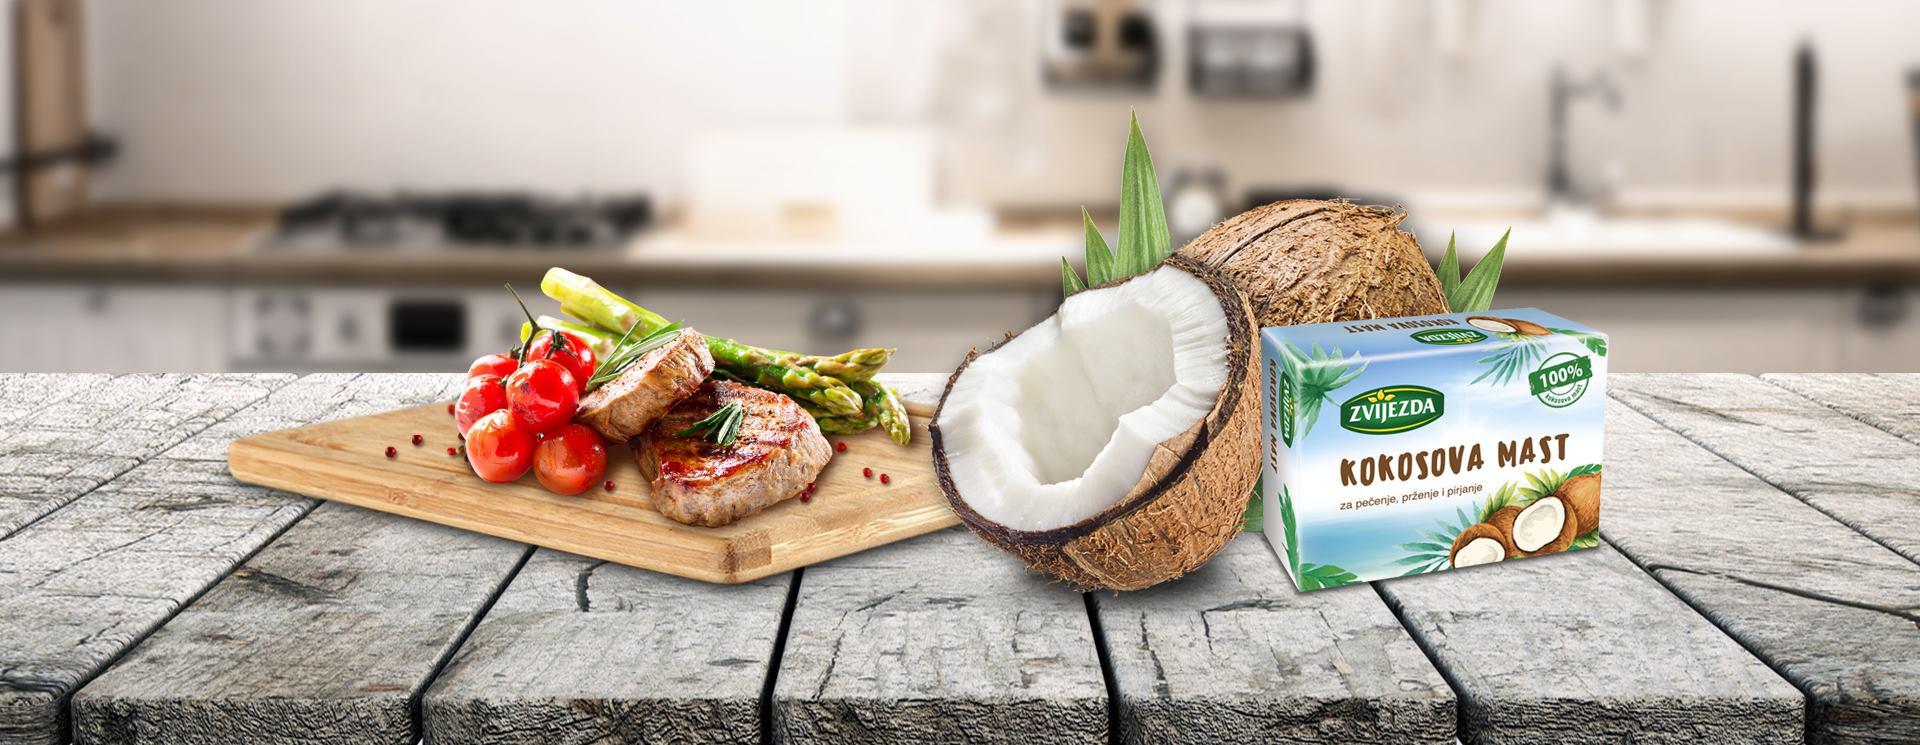 ZVIJEZDA KOKOSOVA MAST Dašak egzotike i zdravlja u pripremi tradicionalnih zalogaja